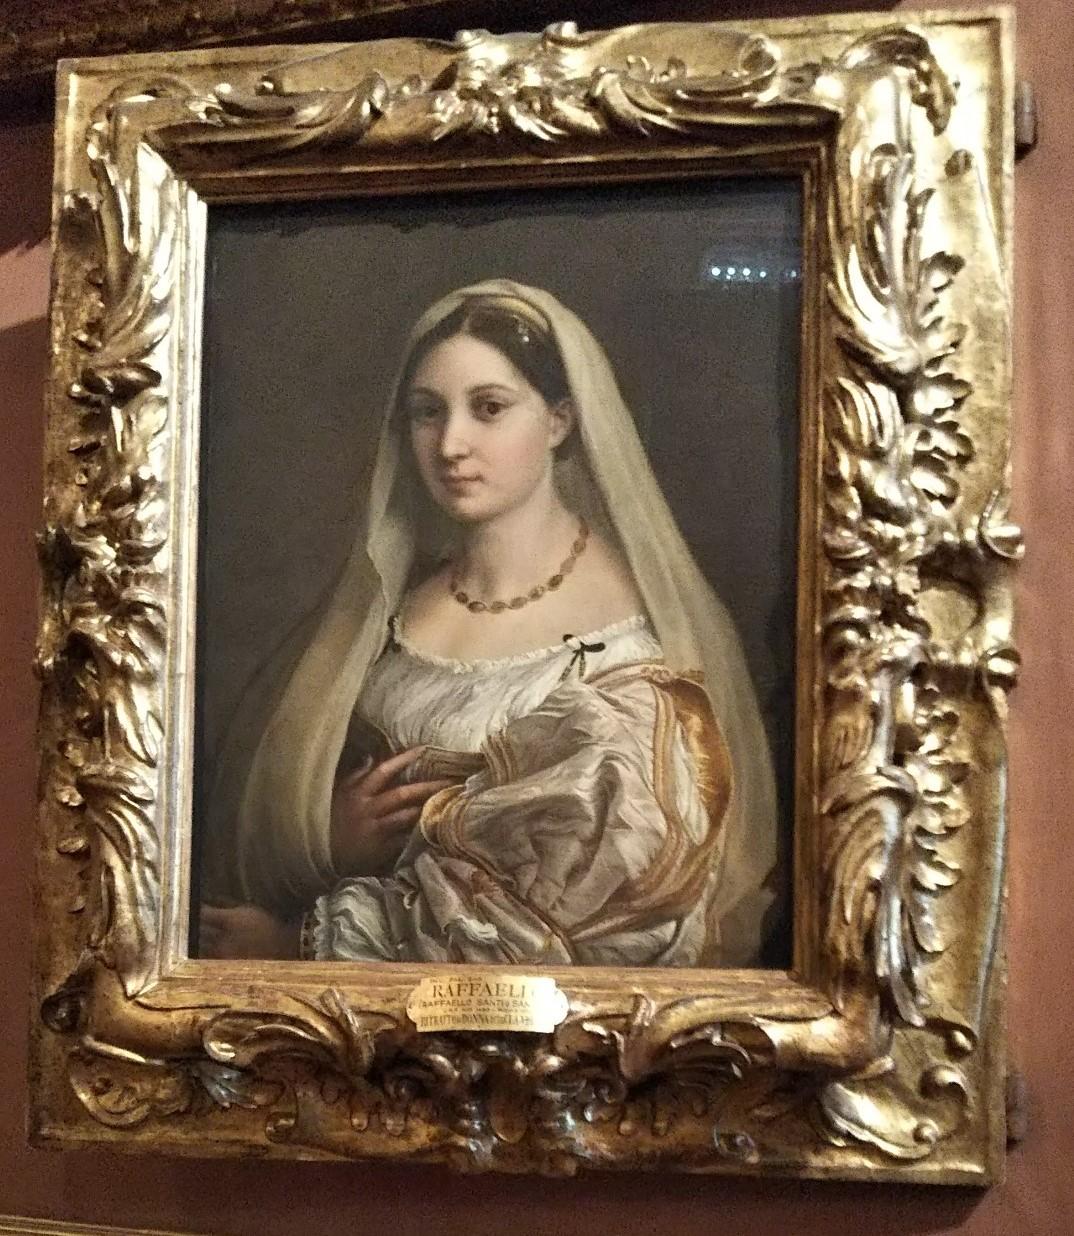 ラファエロ《ベールを被る婦人の肖像》